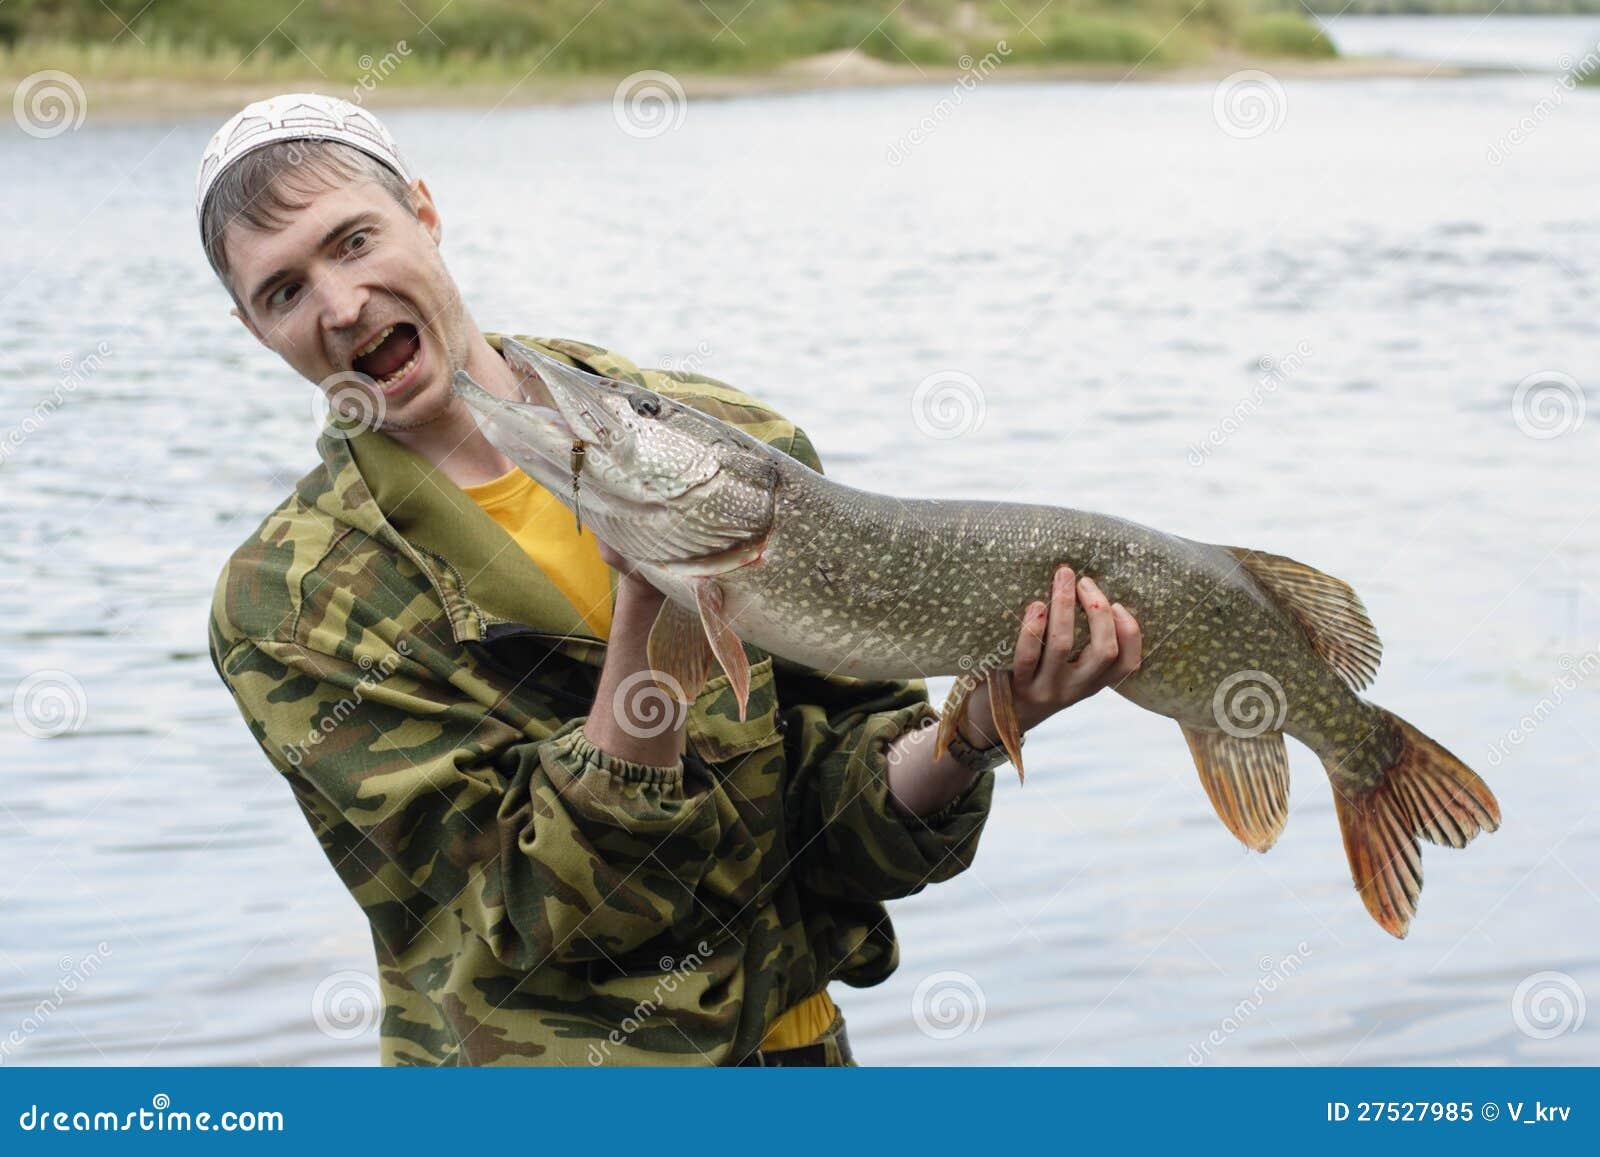 Новогодний, картинки с рыбаками держащие рыбу